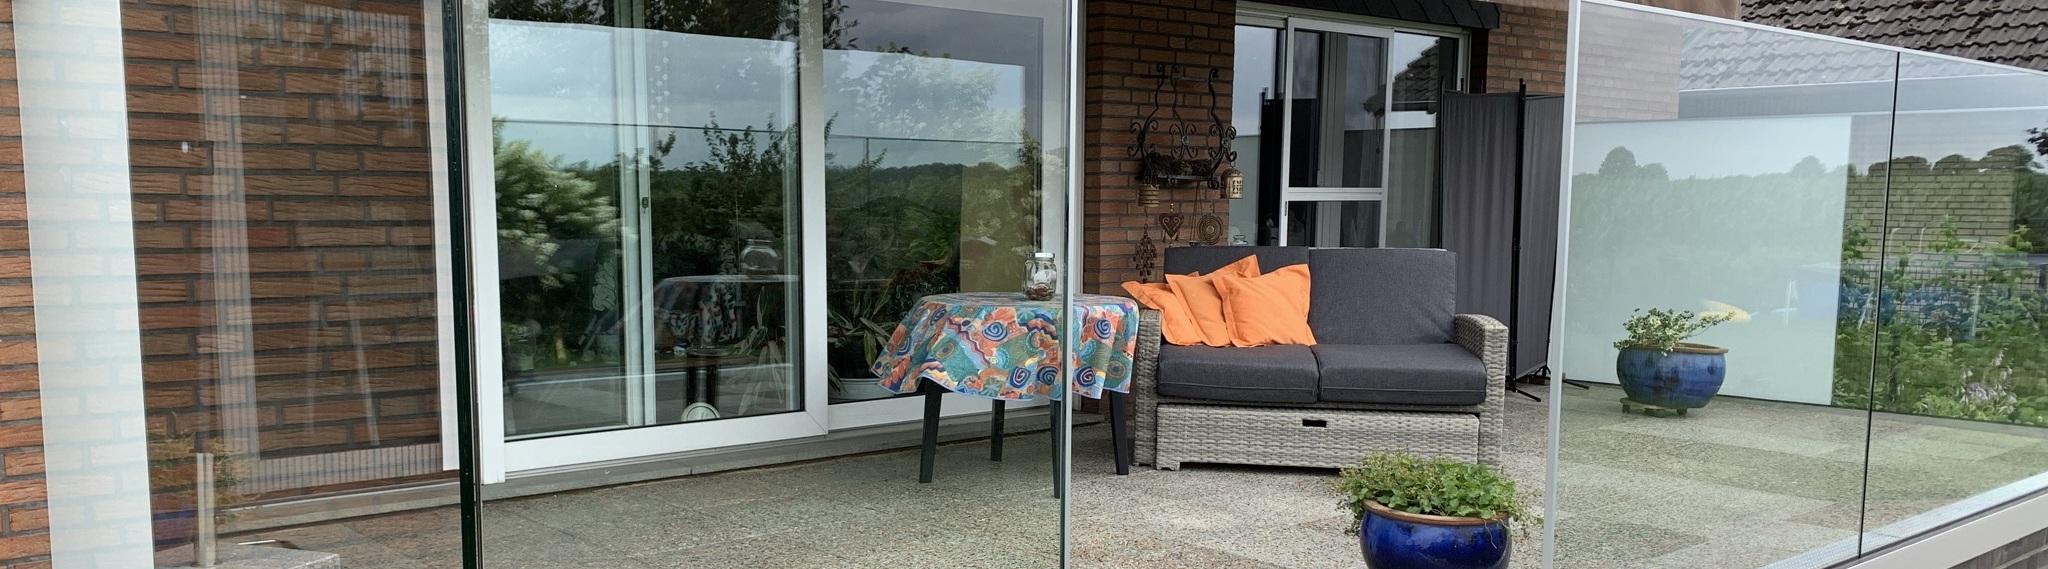 Glasgeländer einer Terrasse